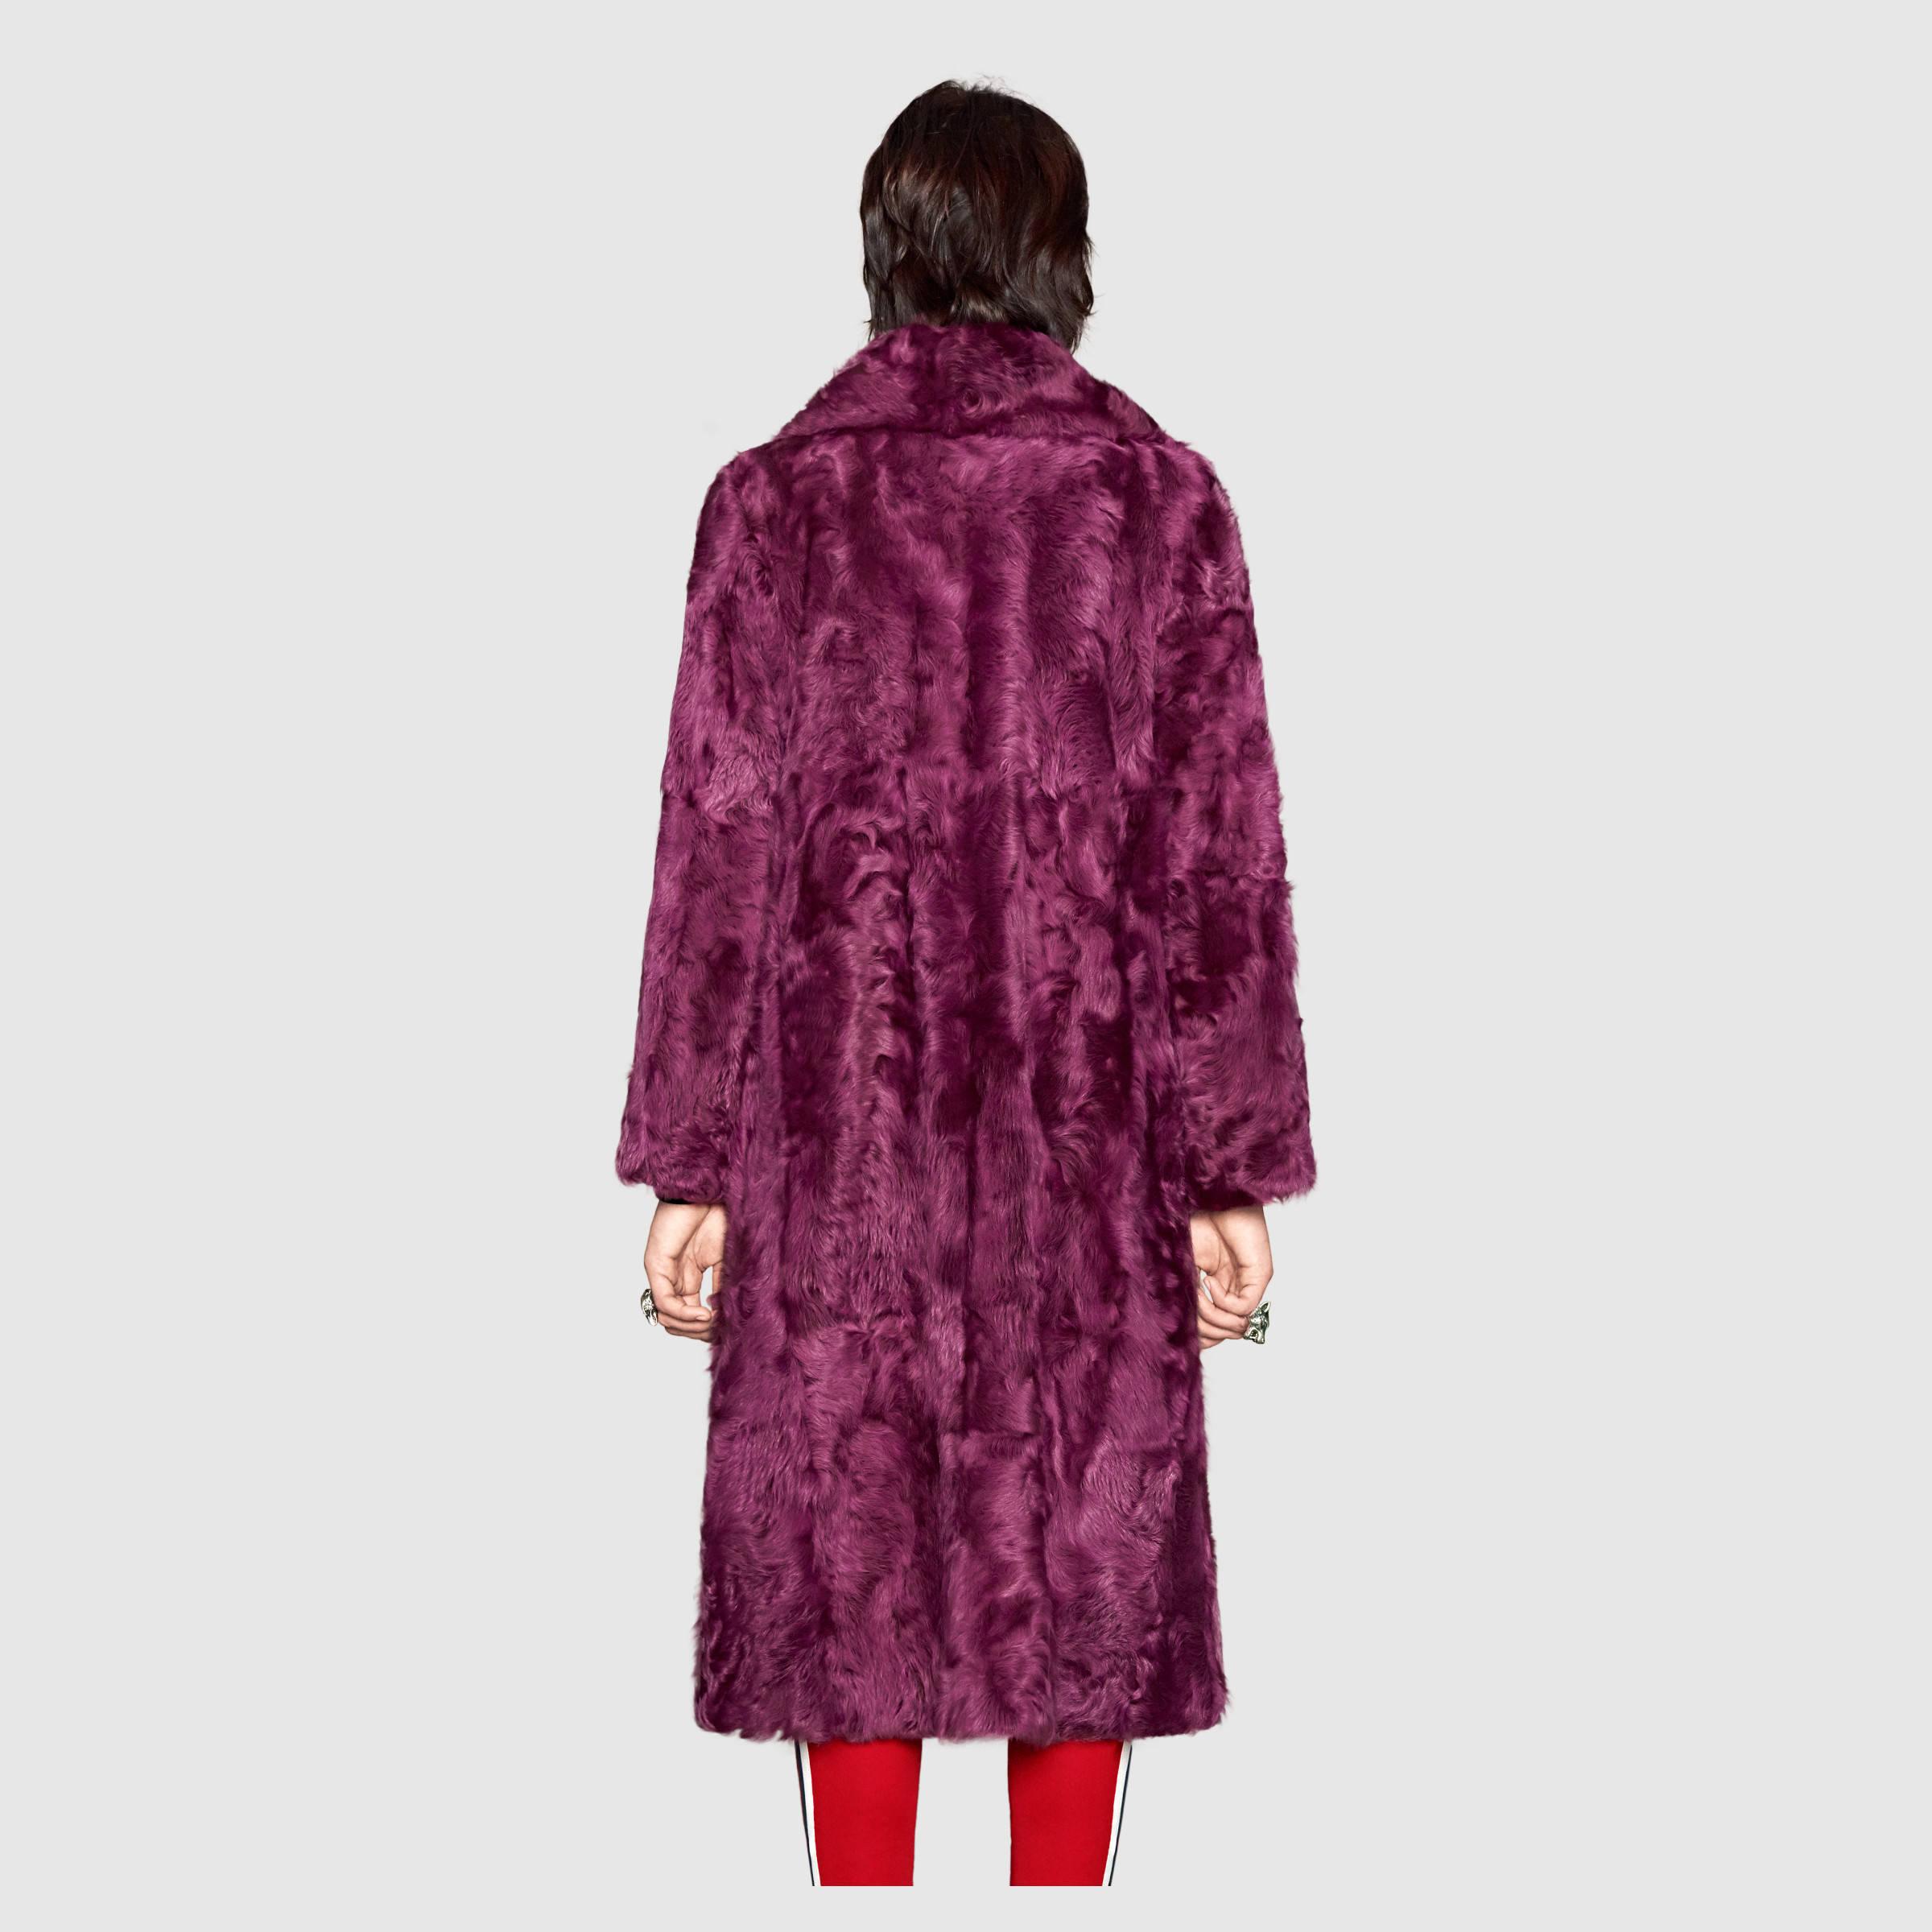 479099_XF066_5012_005_100_0000_Light-Fur-coat-with-brooch.jpg